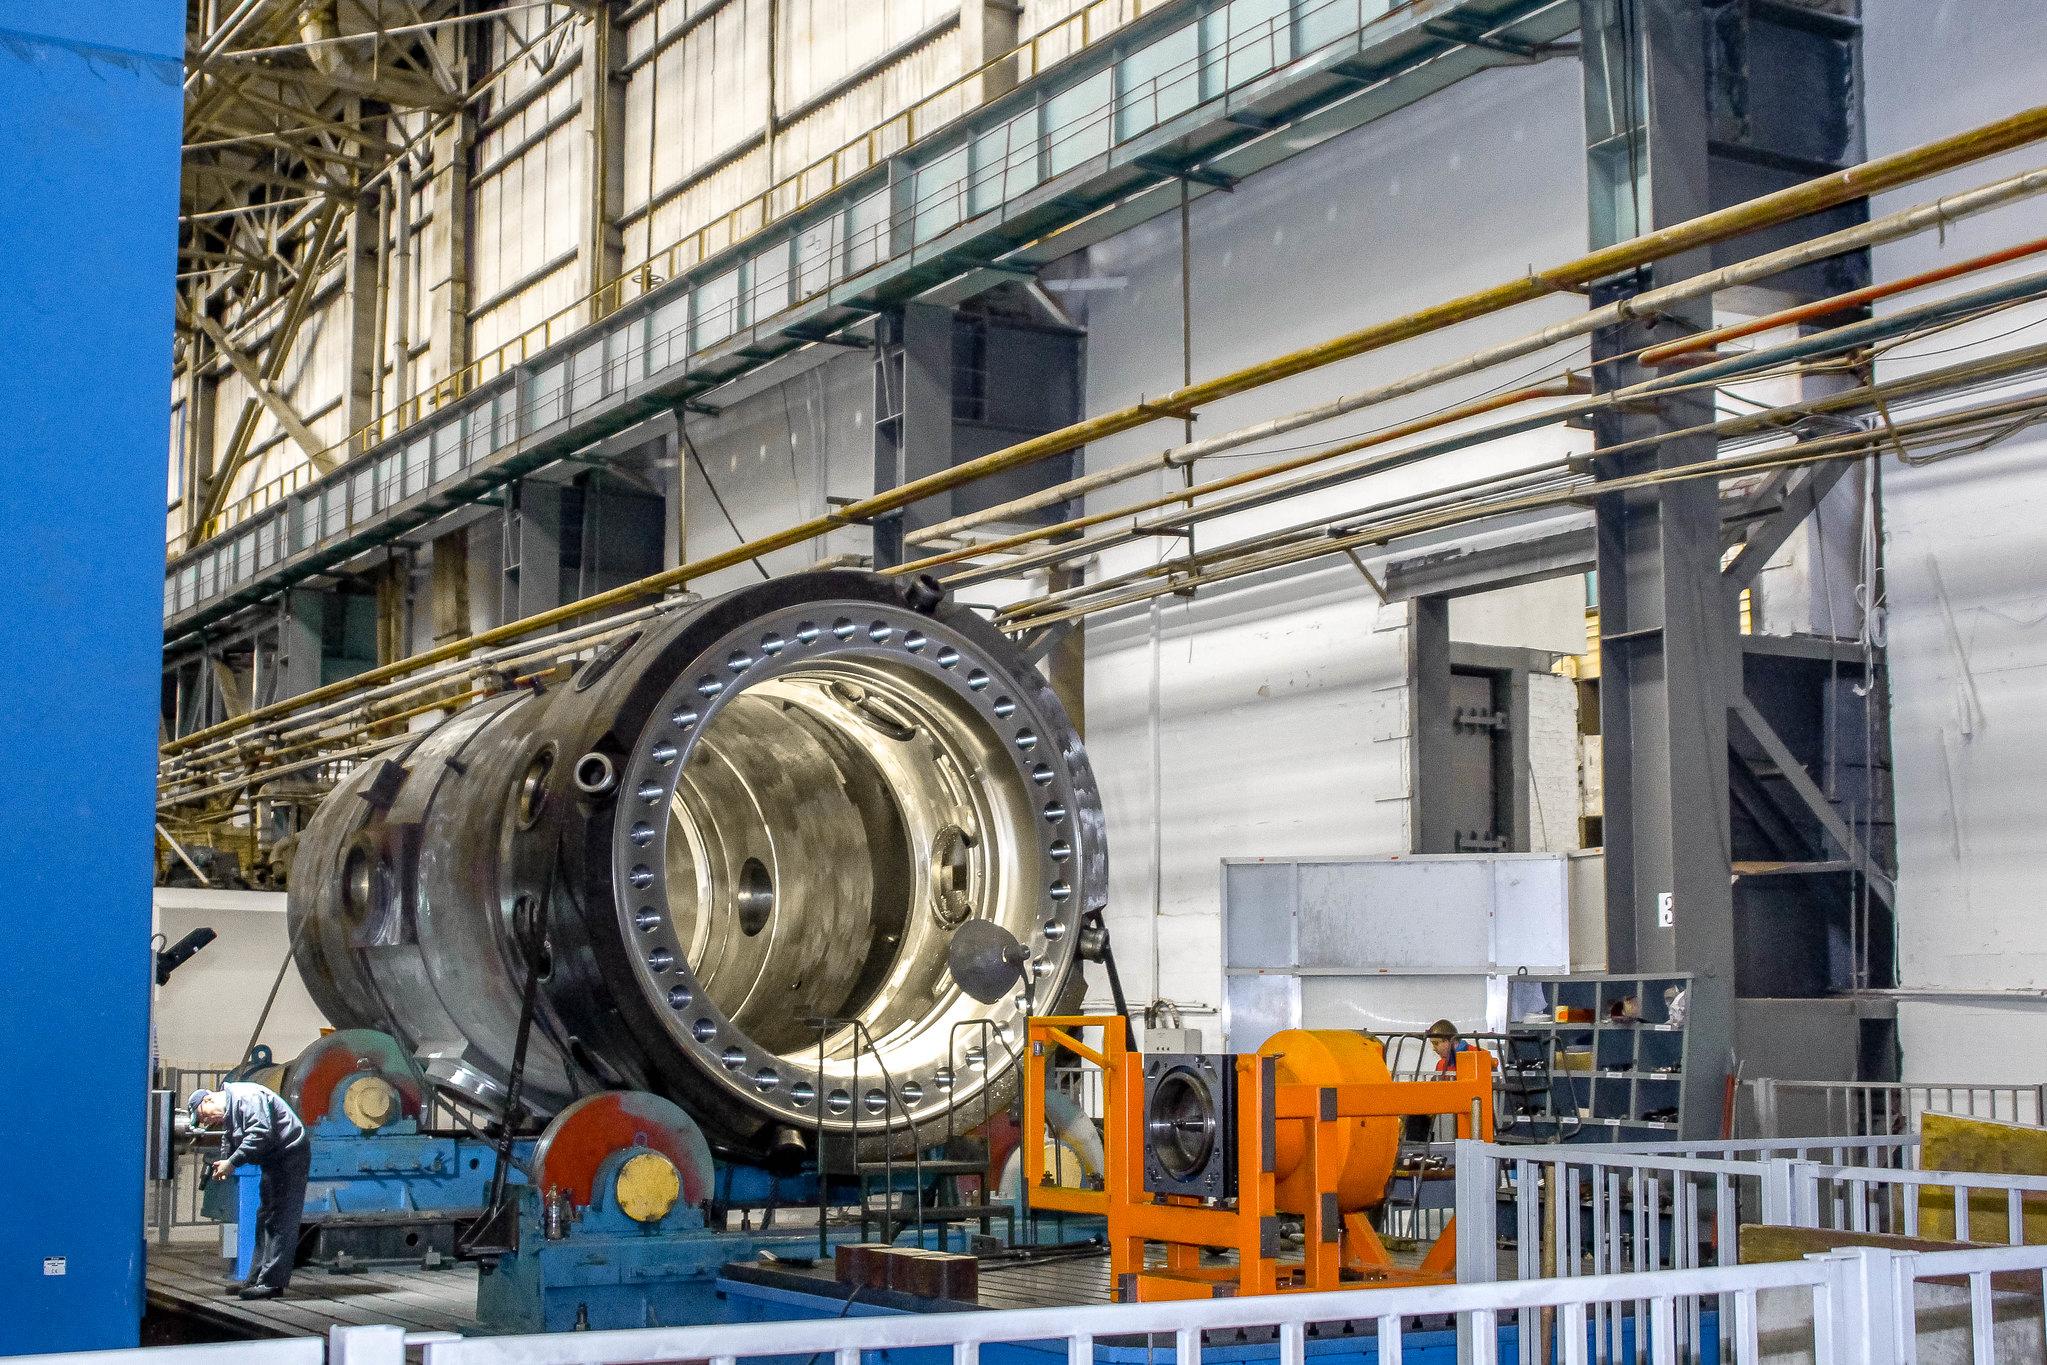 jaderná energie - Rosatom vybral lokalitu pro první malý reaktor - Inovativní reaktory (Reaktor RITM 200 na výrobní hale podniku ZiO Podolsk součást Rosatomu 1) 3